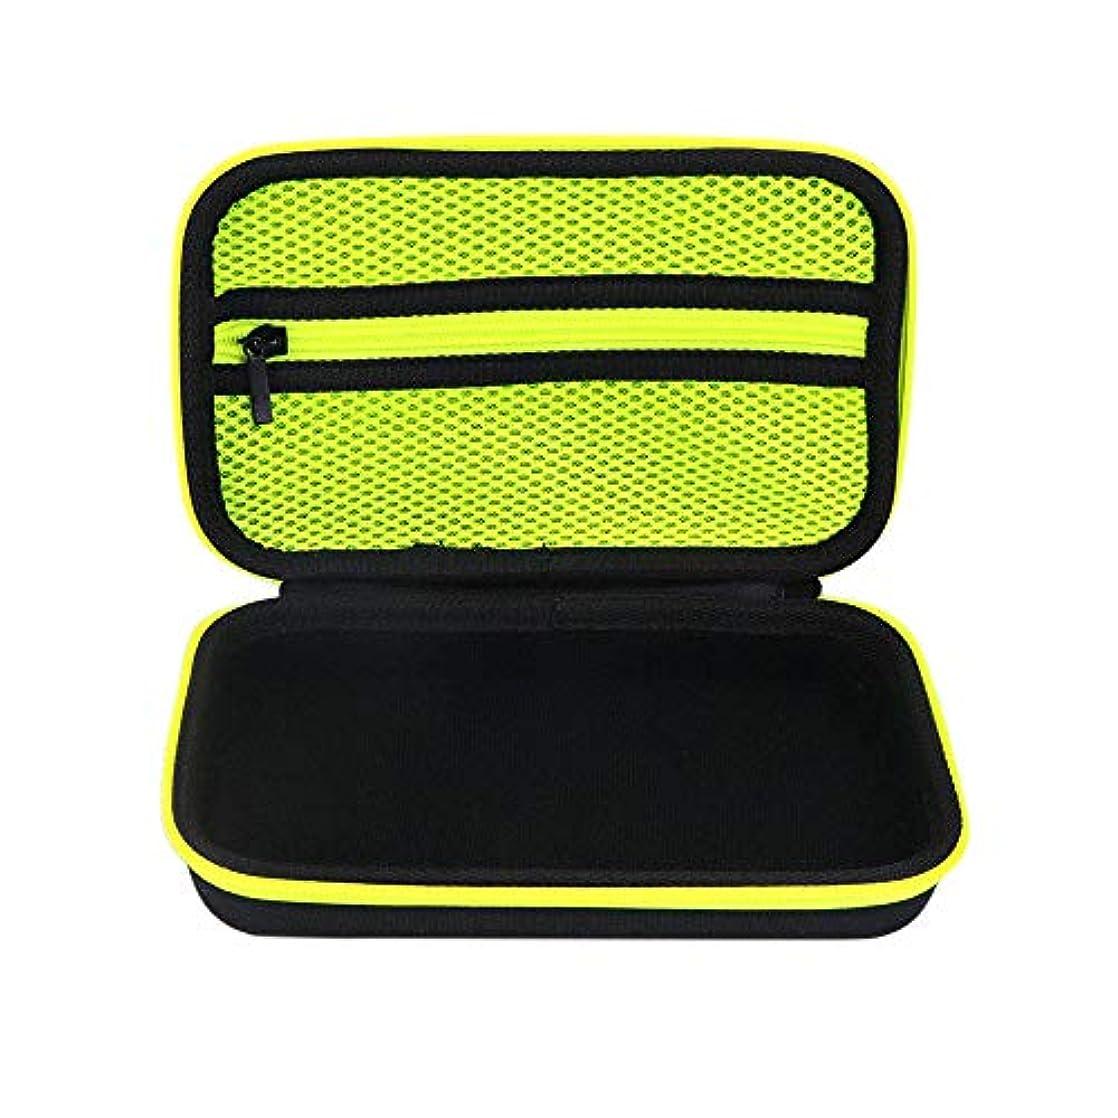 環境保護主義者テクスチャーラッカスTOOGOO フィリップスOneblade電動トリマーシェーバー本体、交換用ブレード用電動トリマーシェーバーキャリングケース Norelco Oneblade Hybrid Qp2520/2530に適用